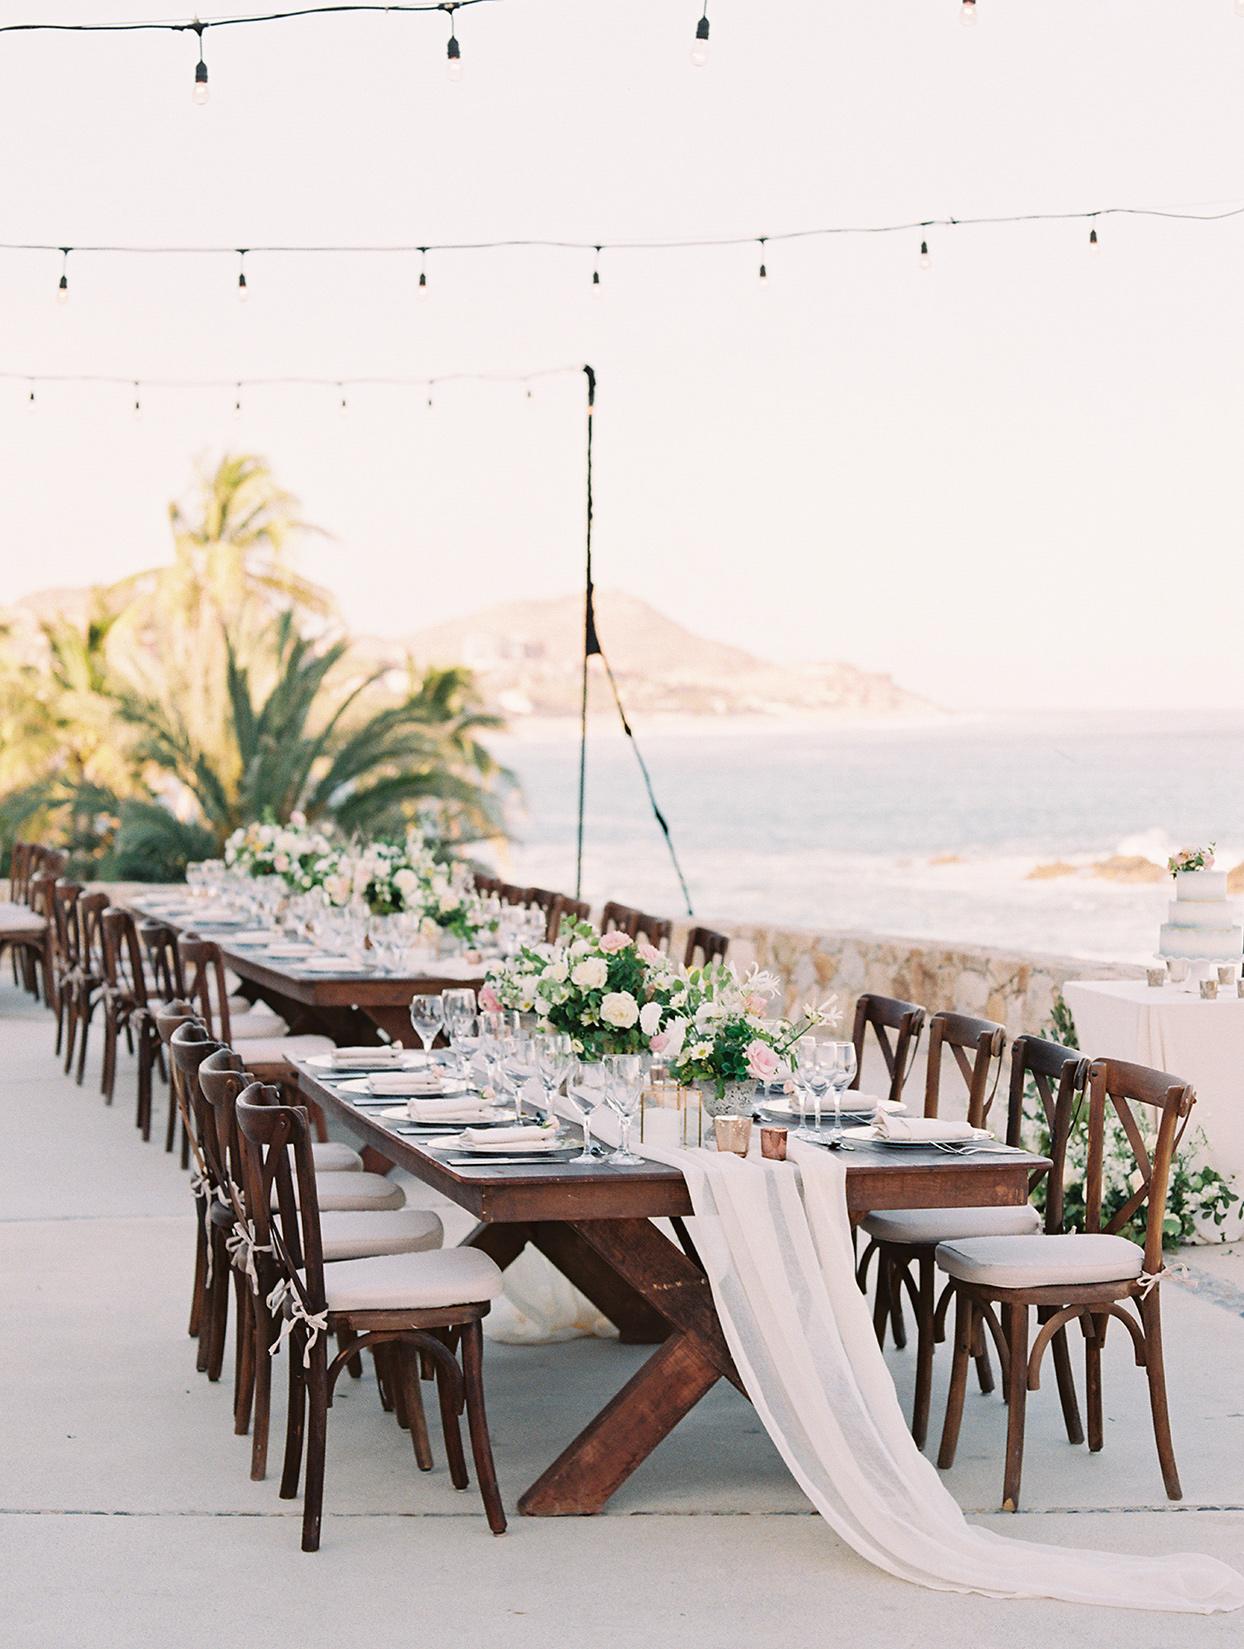 kirsten deran wedding reception on the beach